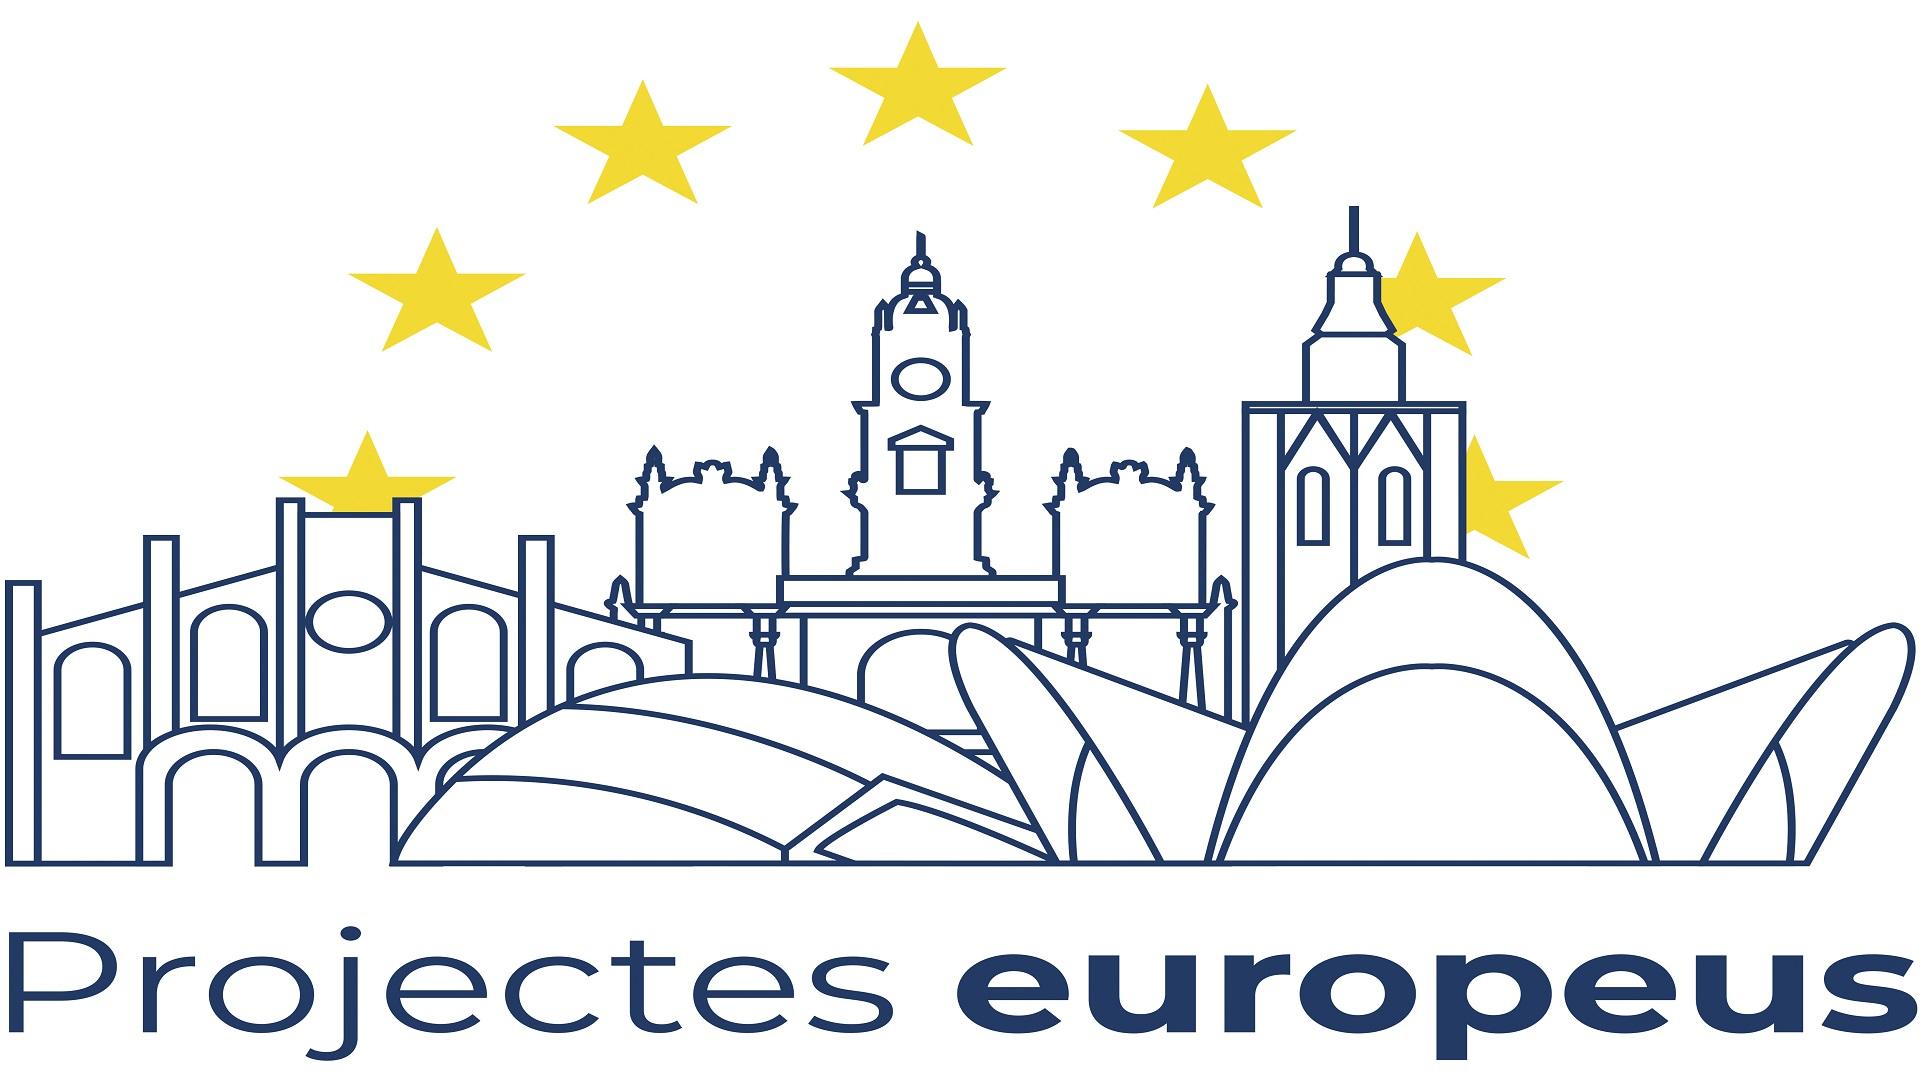 Projectes europeus